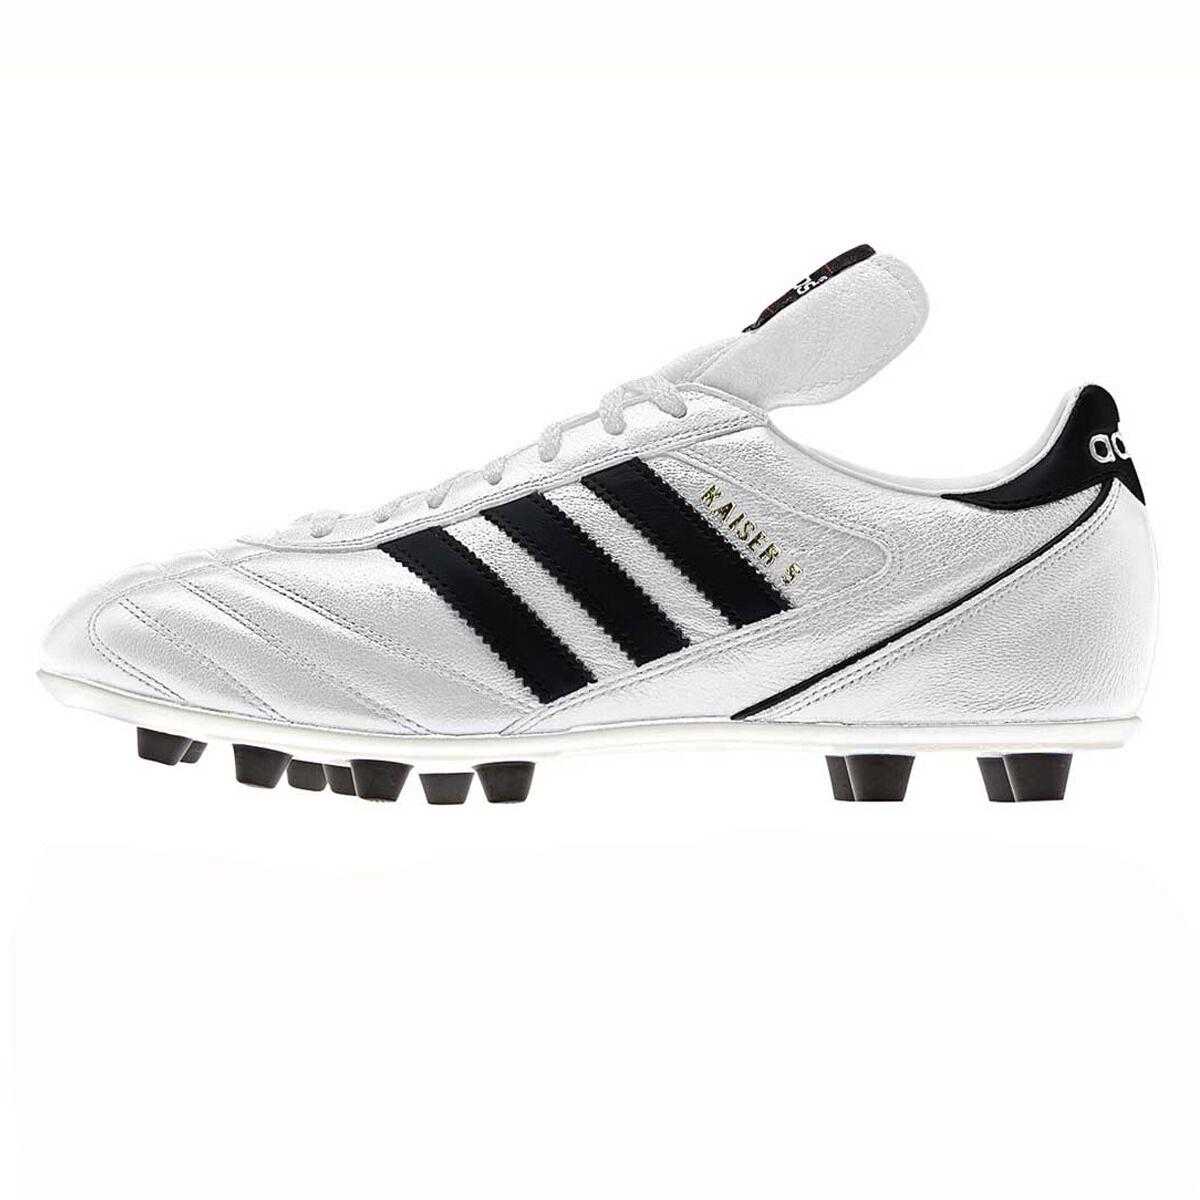 adidas Kaiser 5 Liga Leather FG Men's Black White